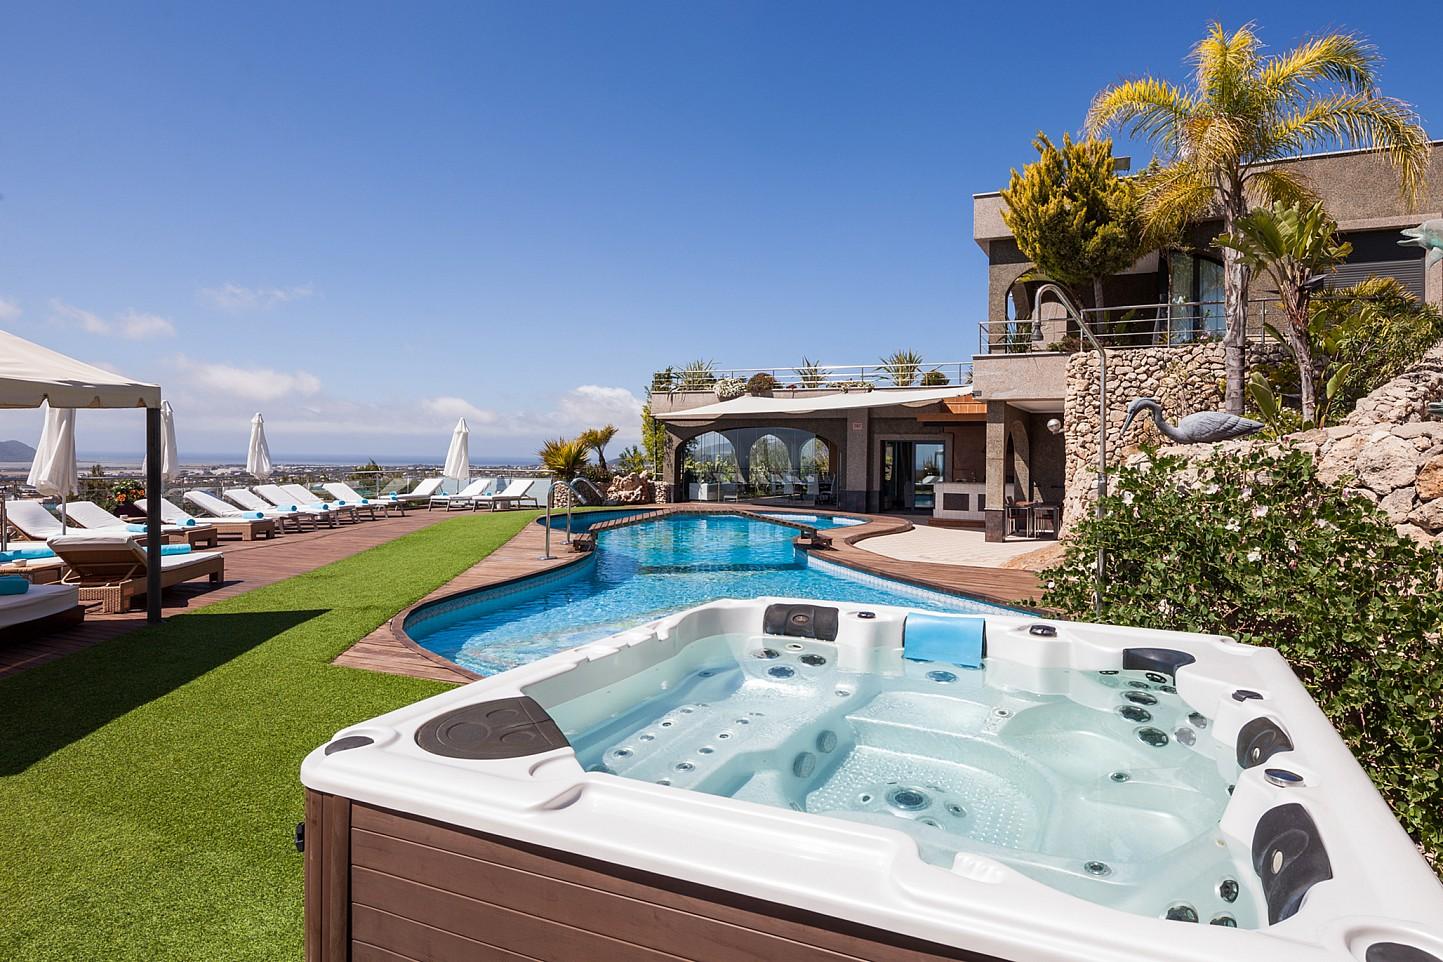 Шикарный бассейн виллы в аренду в Сан Хосе